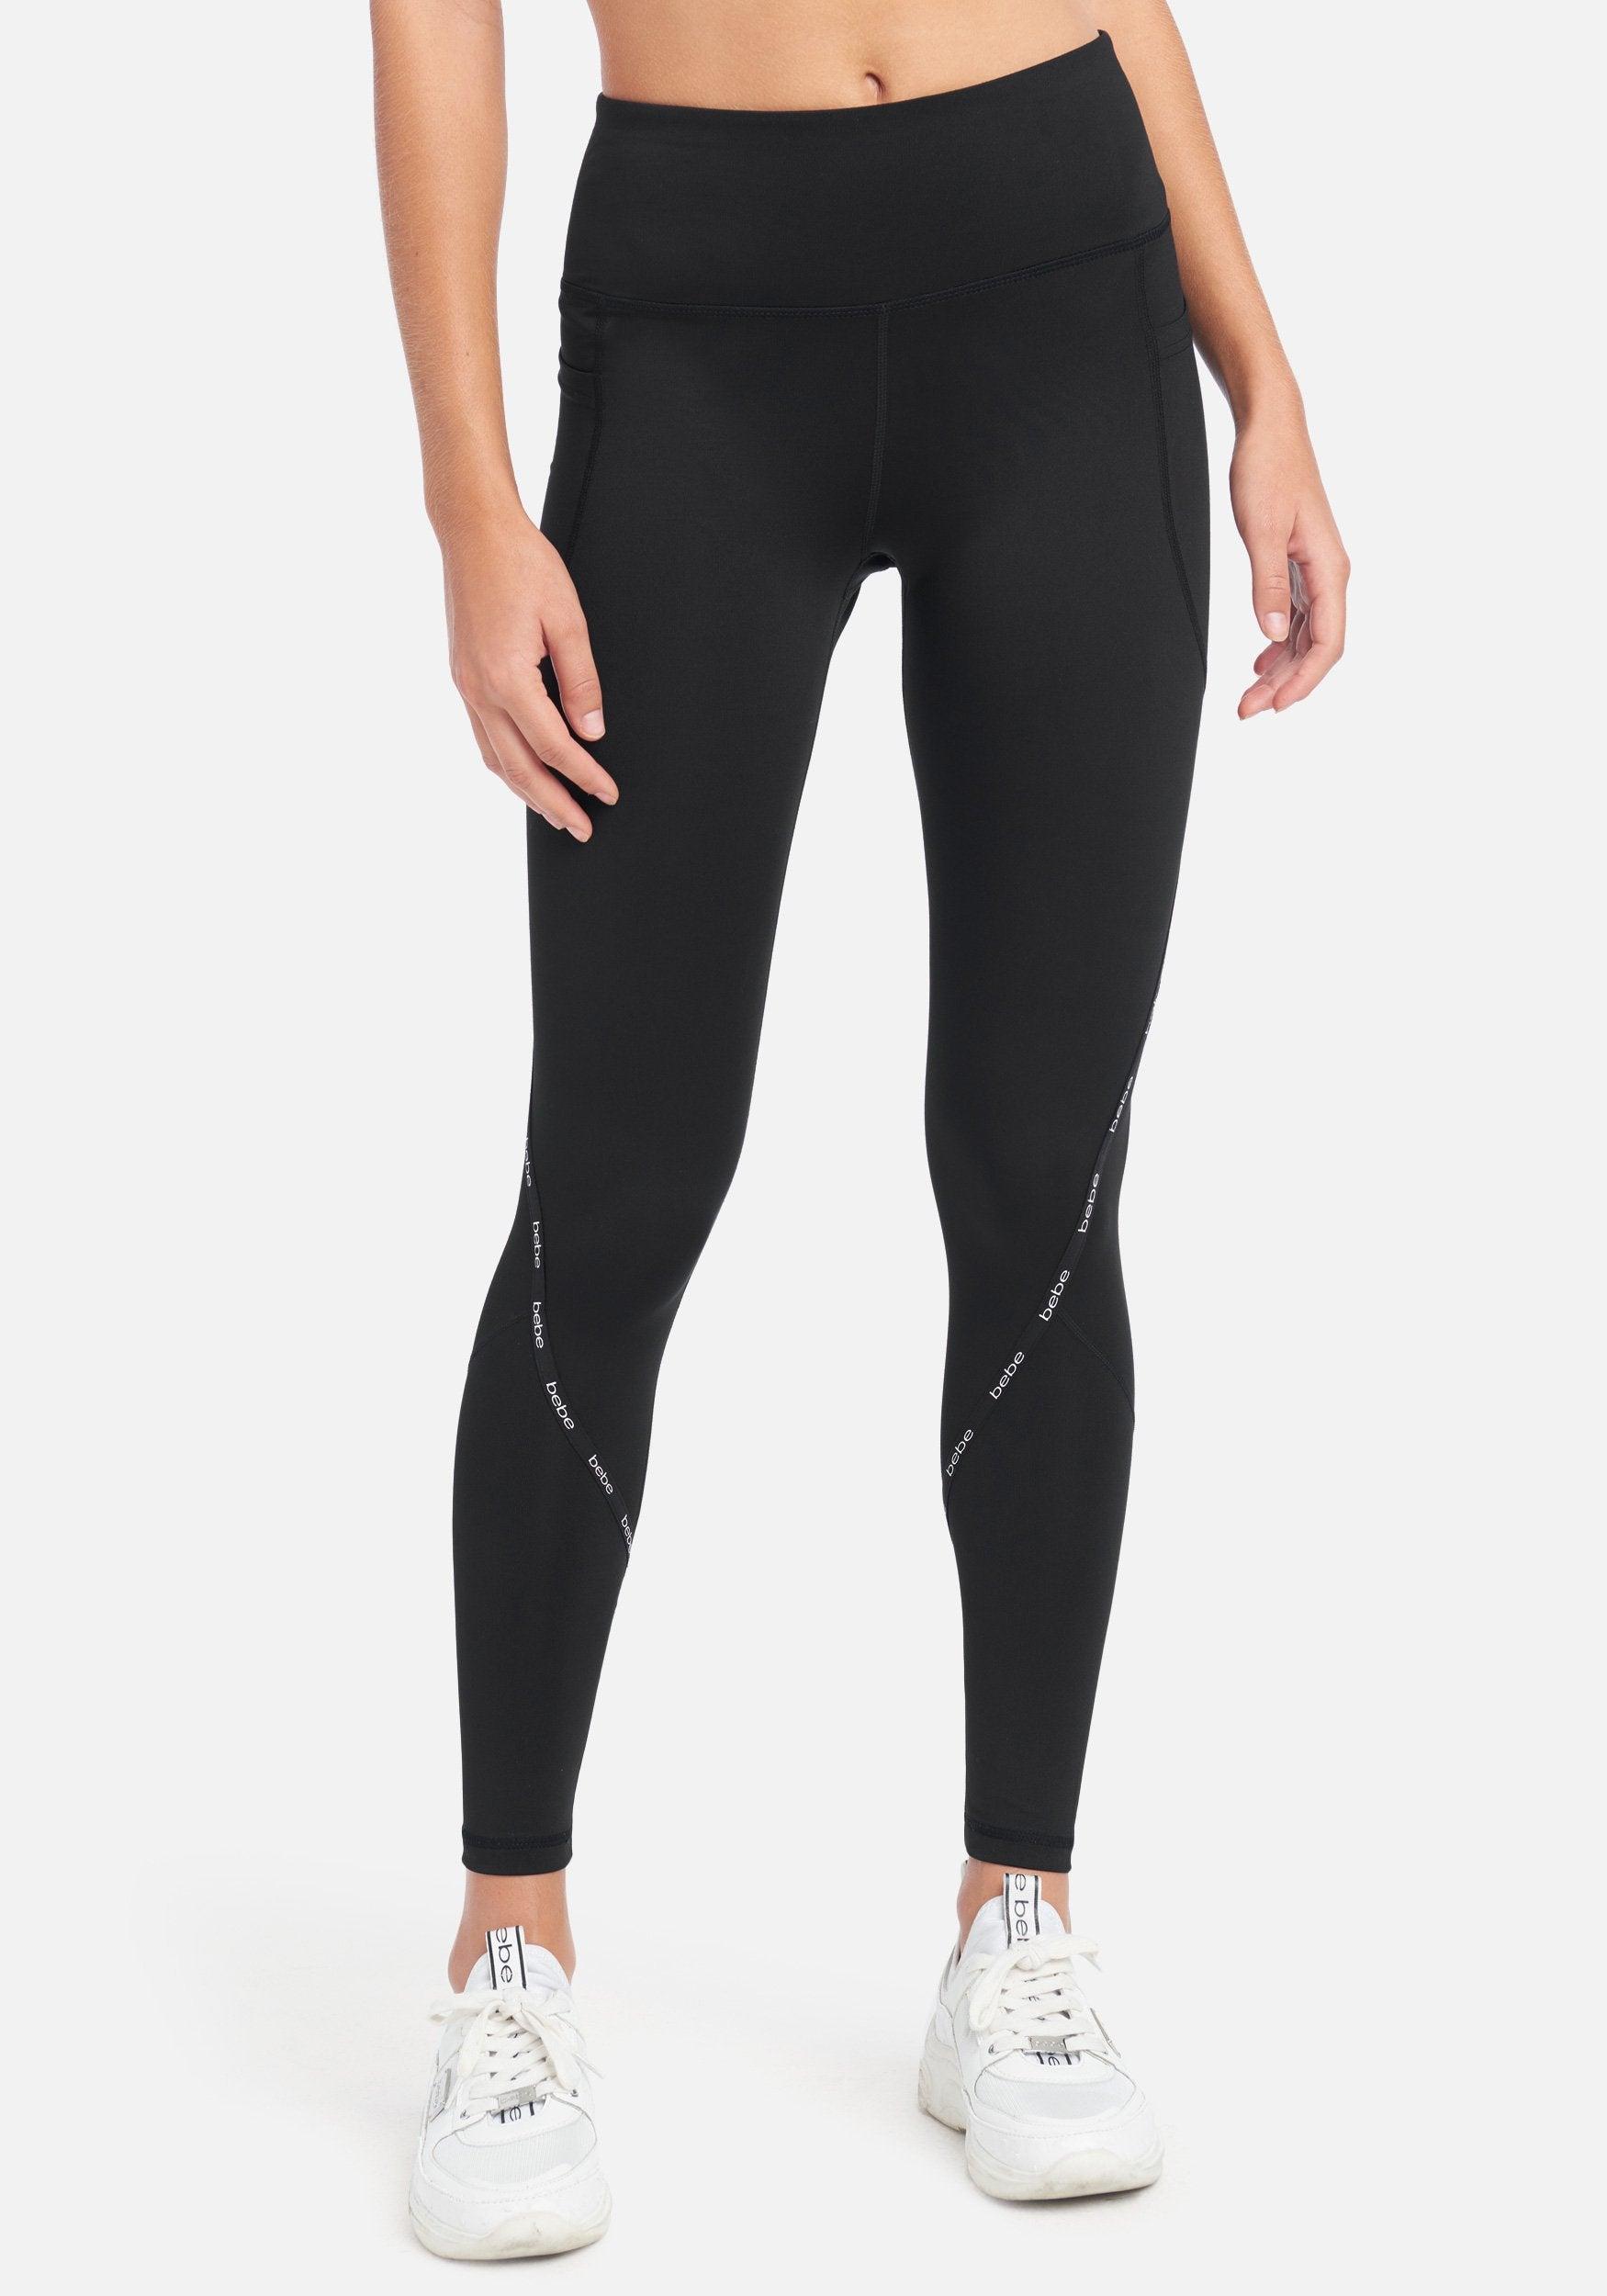 bebe Women's Bebe Sport Color Block Legging, Size Medium in Black Spandex